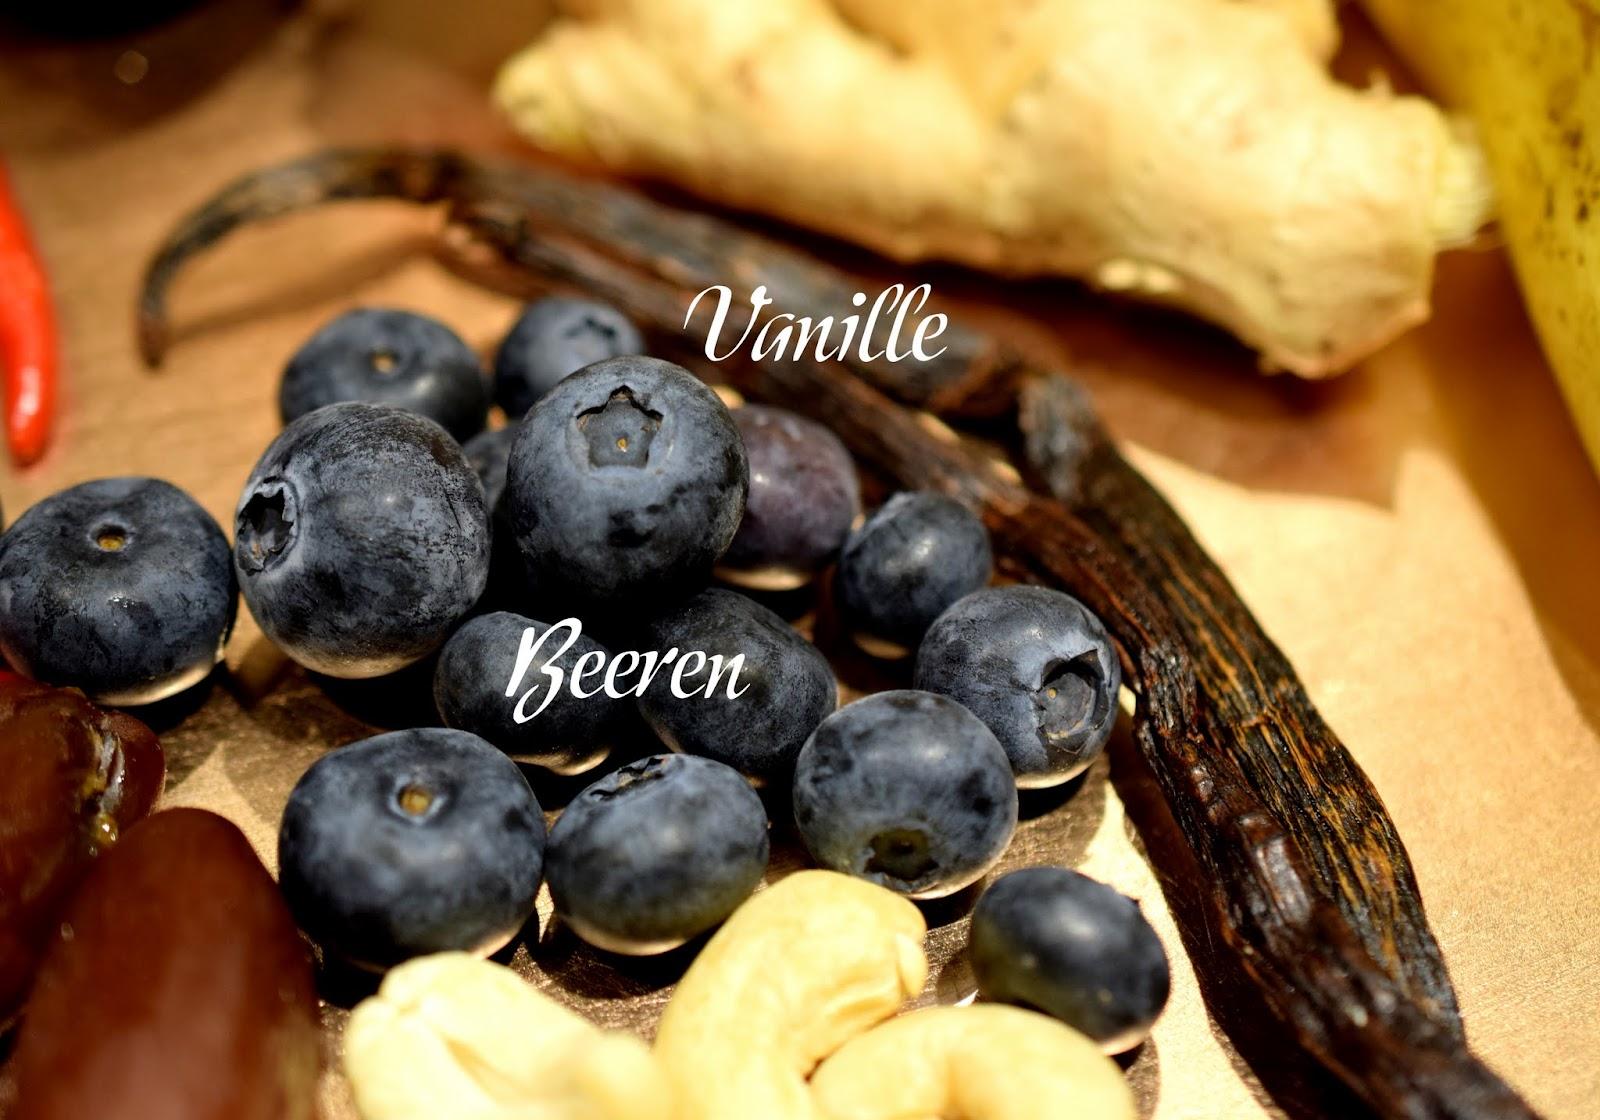 Top 10 Mood Foods Vanille Beeren